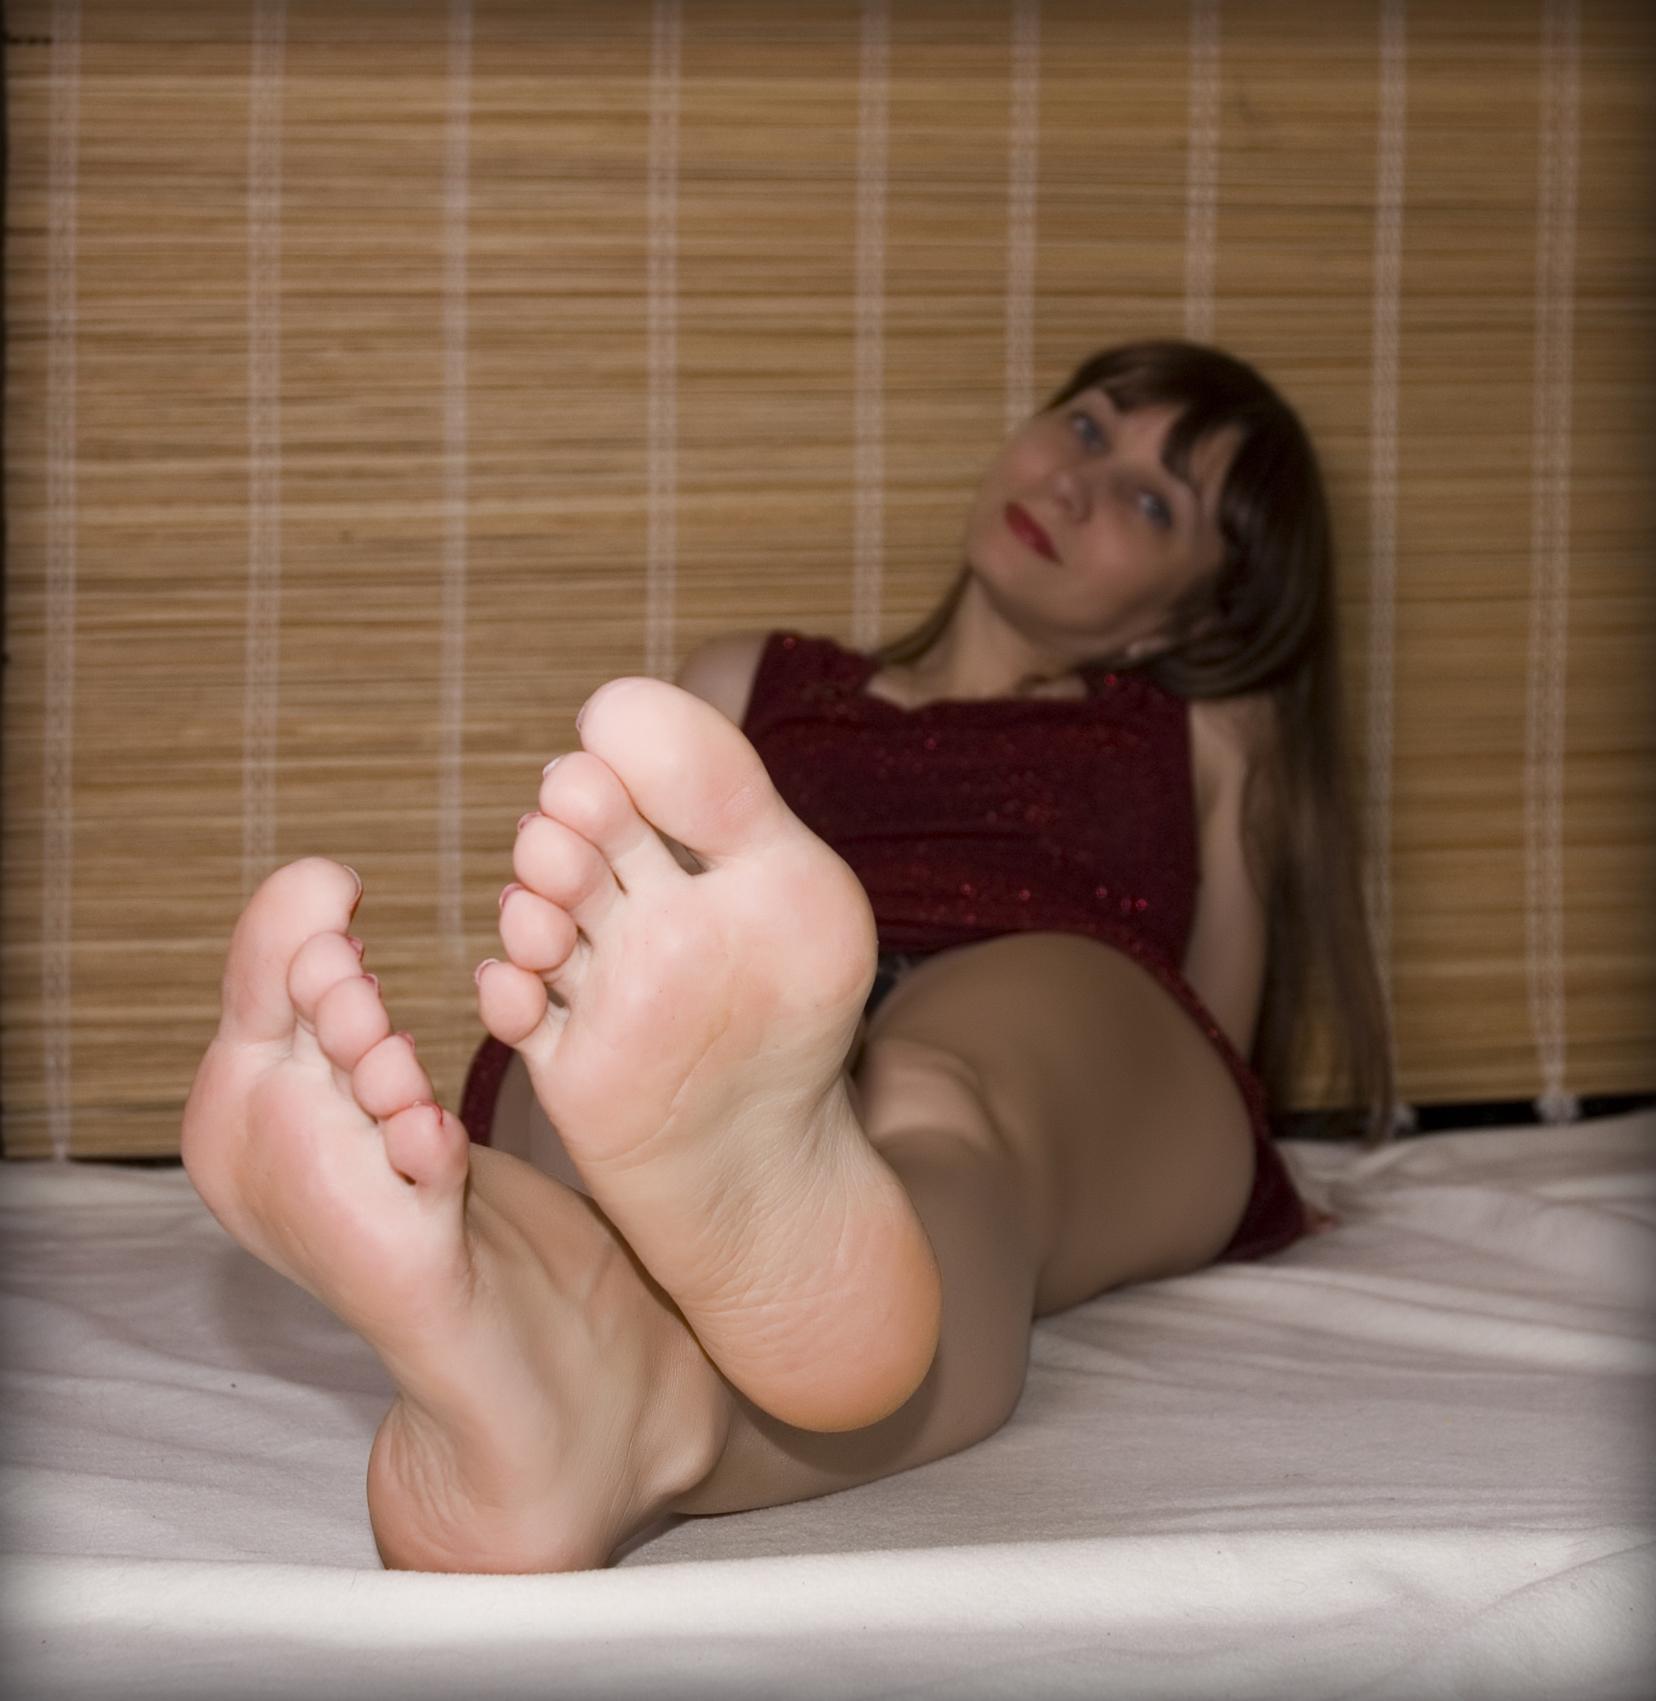 Big tit porn star pic